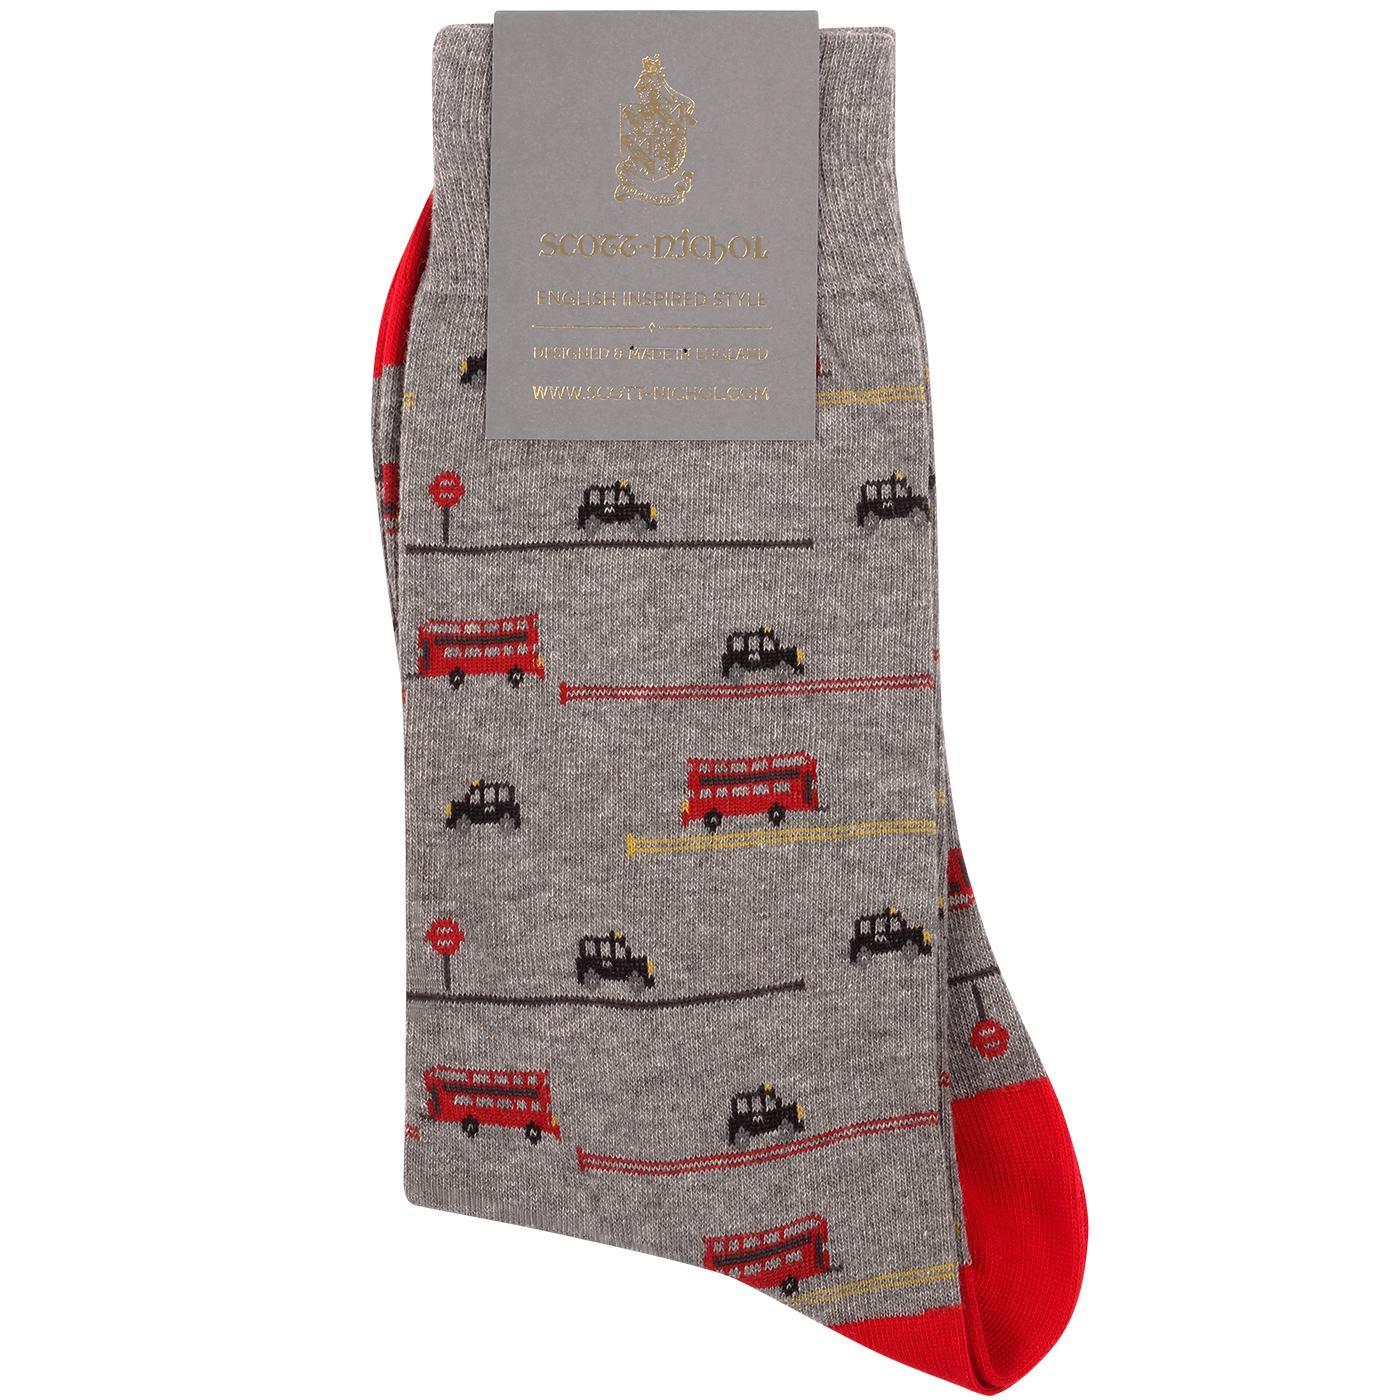 + SCOTT-NICHOL Retro London Bus & Black Cab Socks